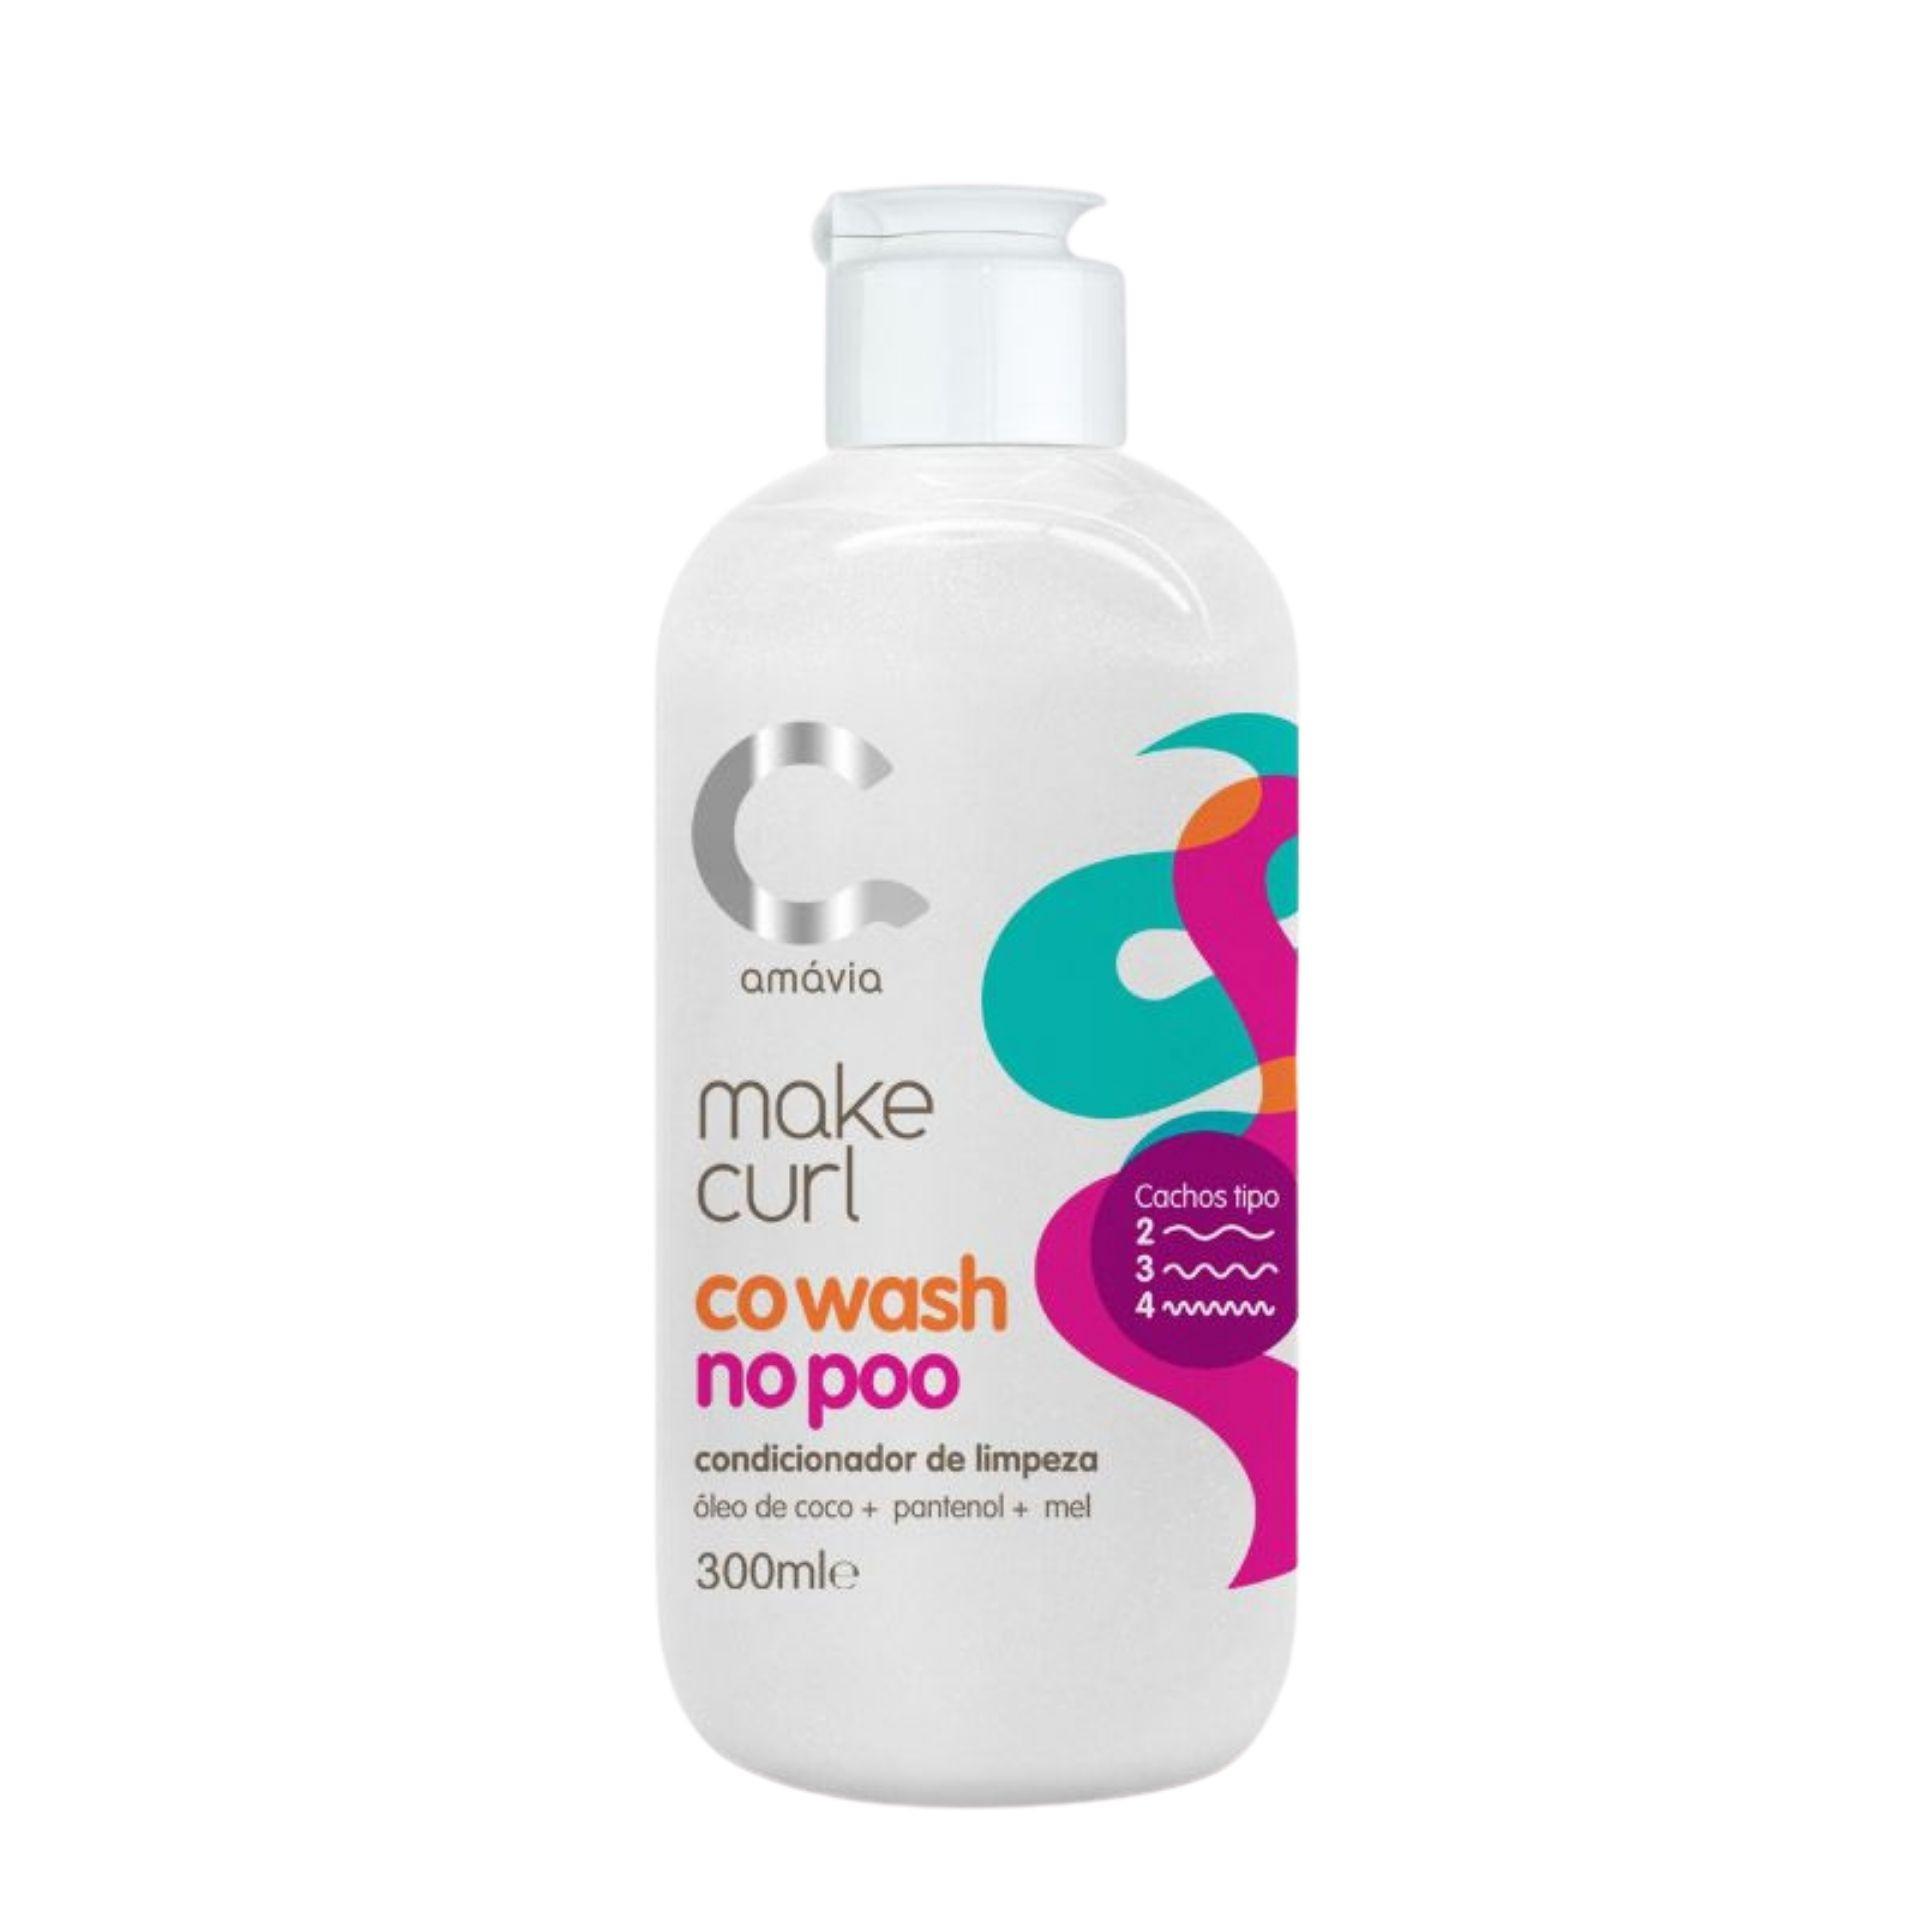 Amávia - Make Curl Co Whash/No Poo 300ml